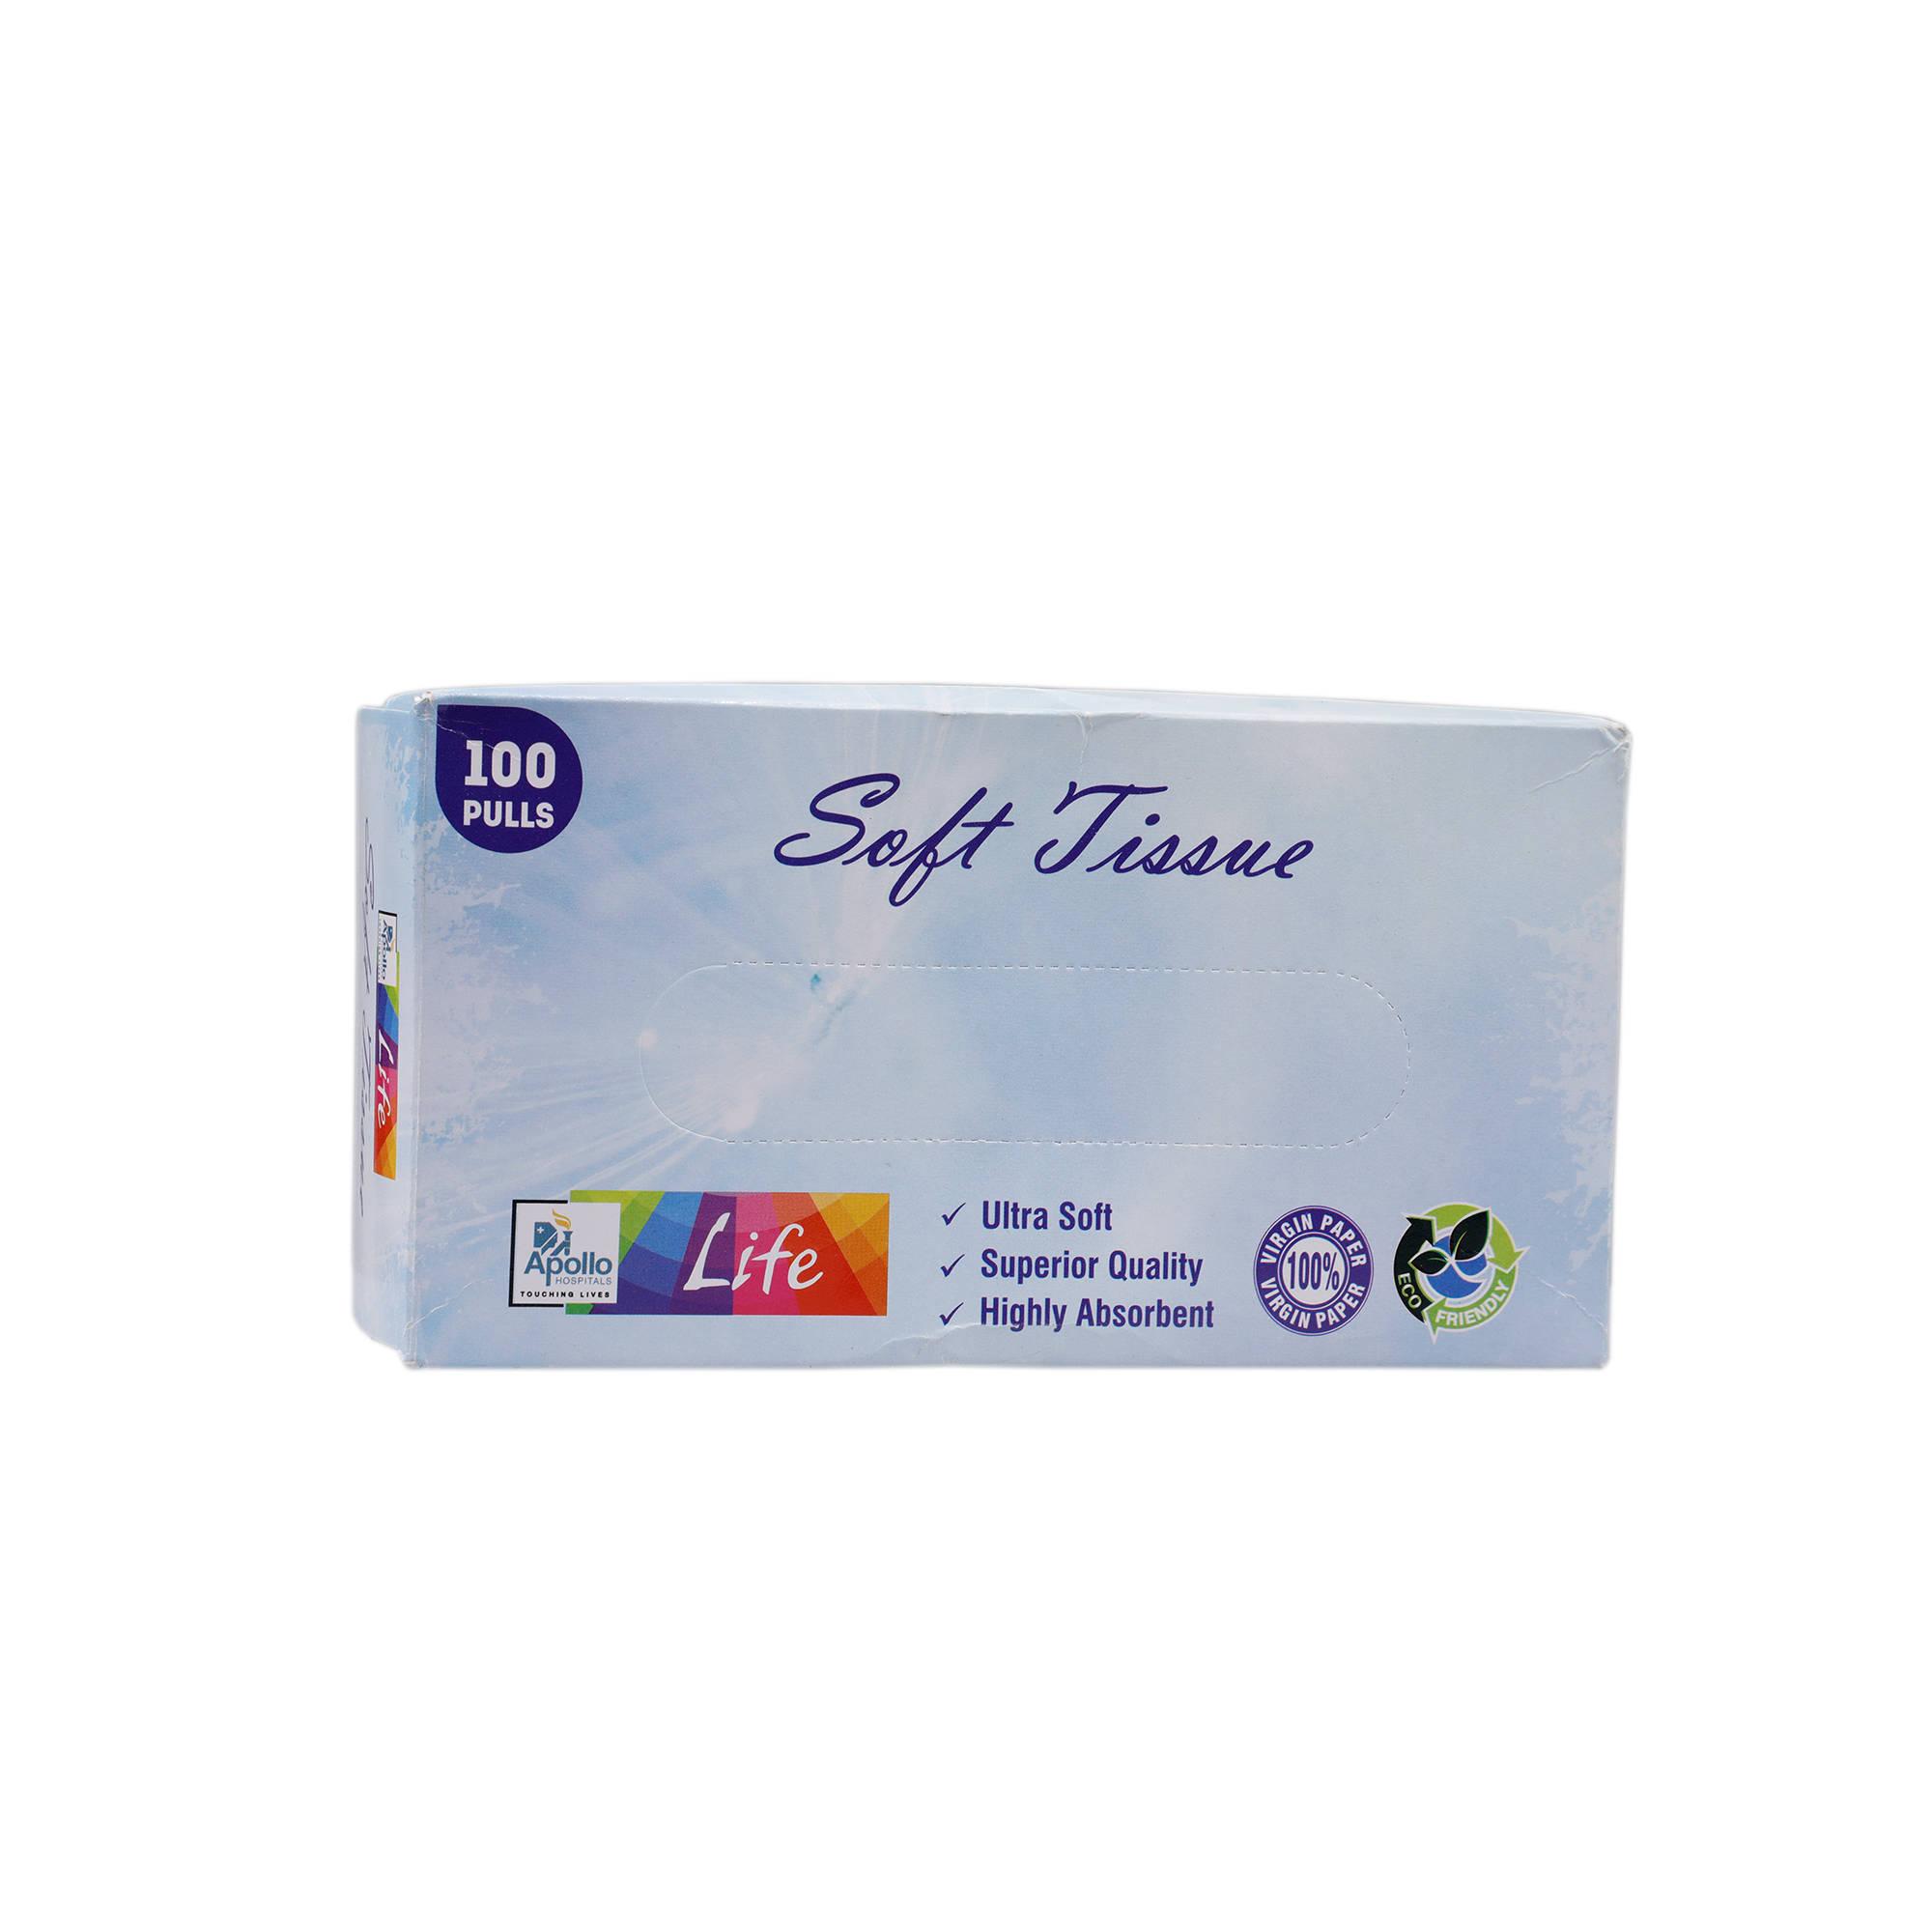 Apollo Life Soft Tissue Pulls, 100 Count